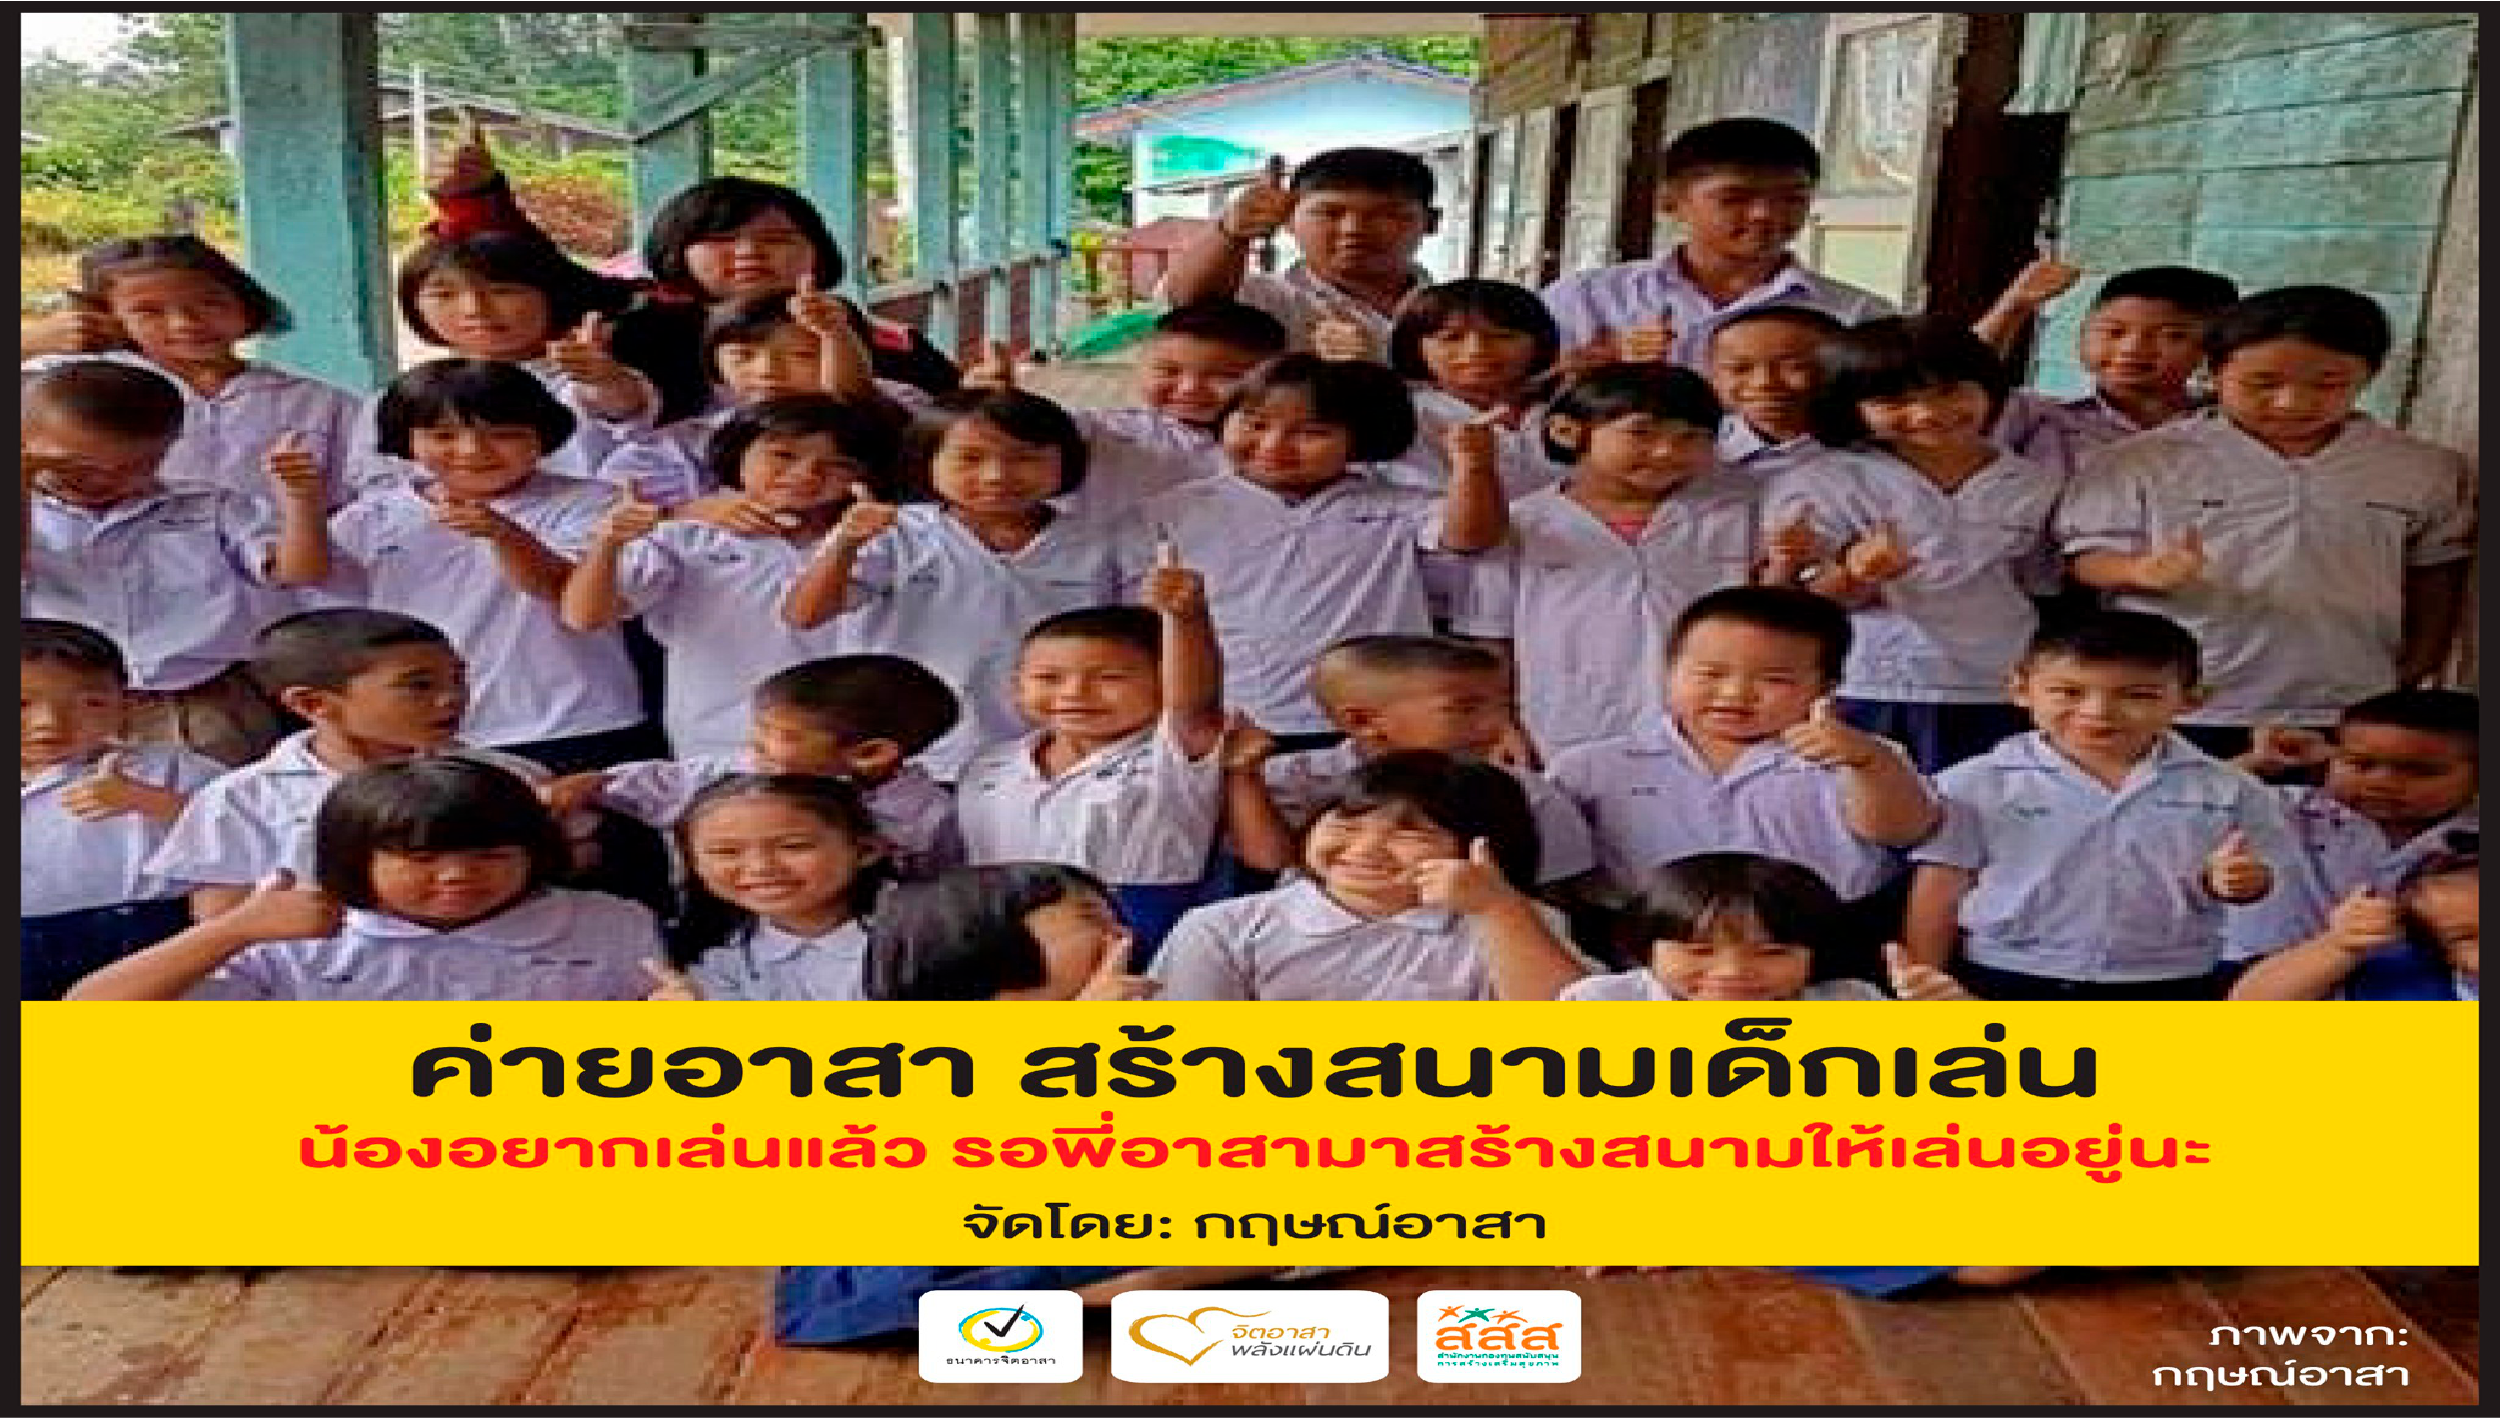 ค่ายอาสา สร้างสนามเด็กเล่น พัฒนาโรงเรียนชนบท